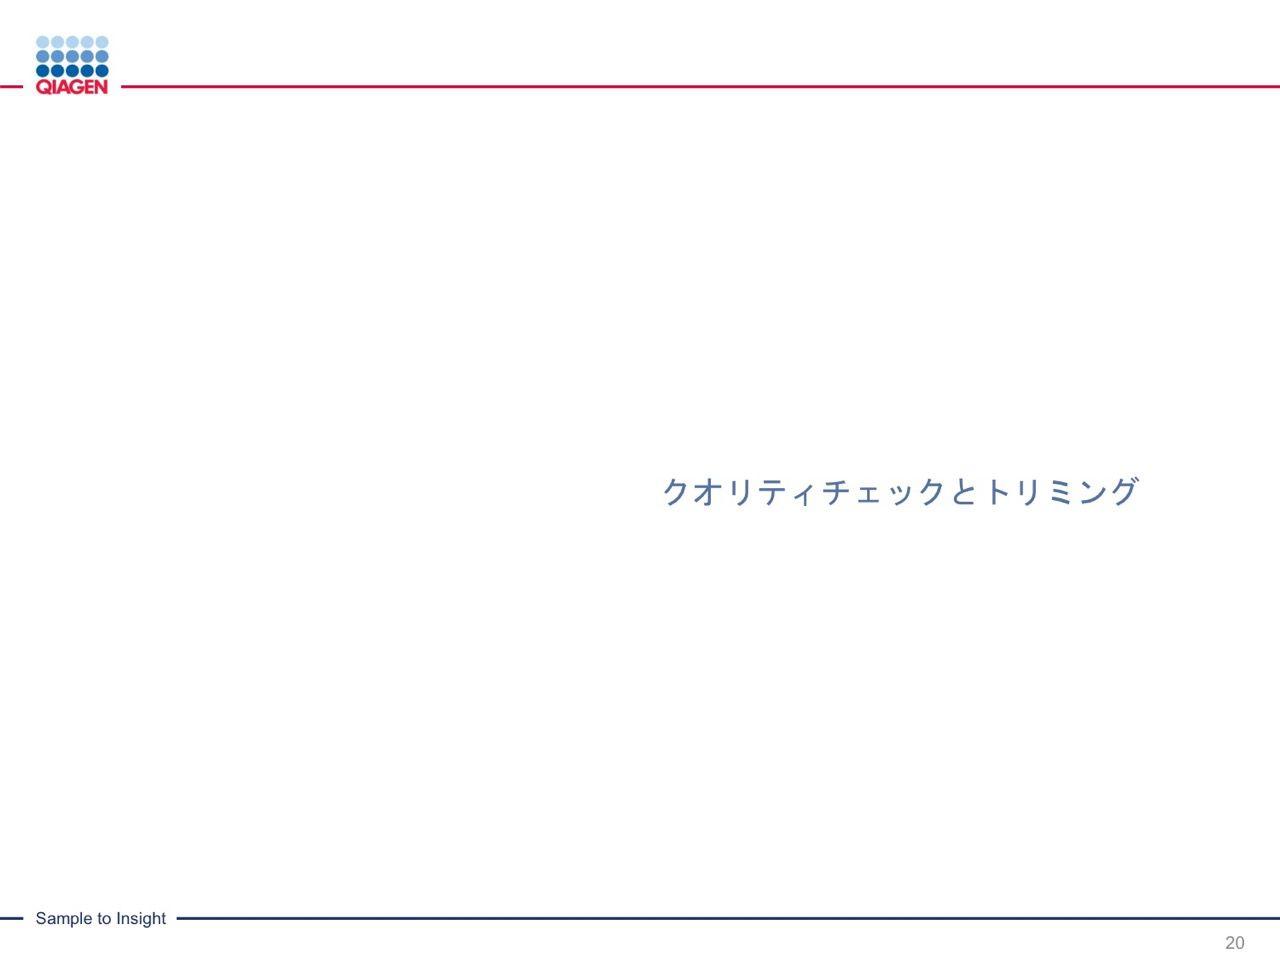 images/AJACSa2_miyamoto_020.jpg